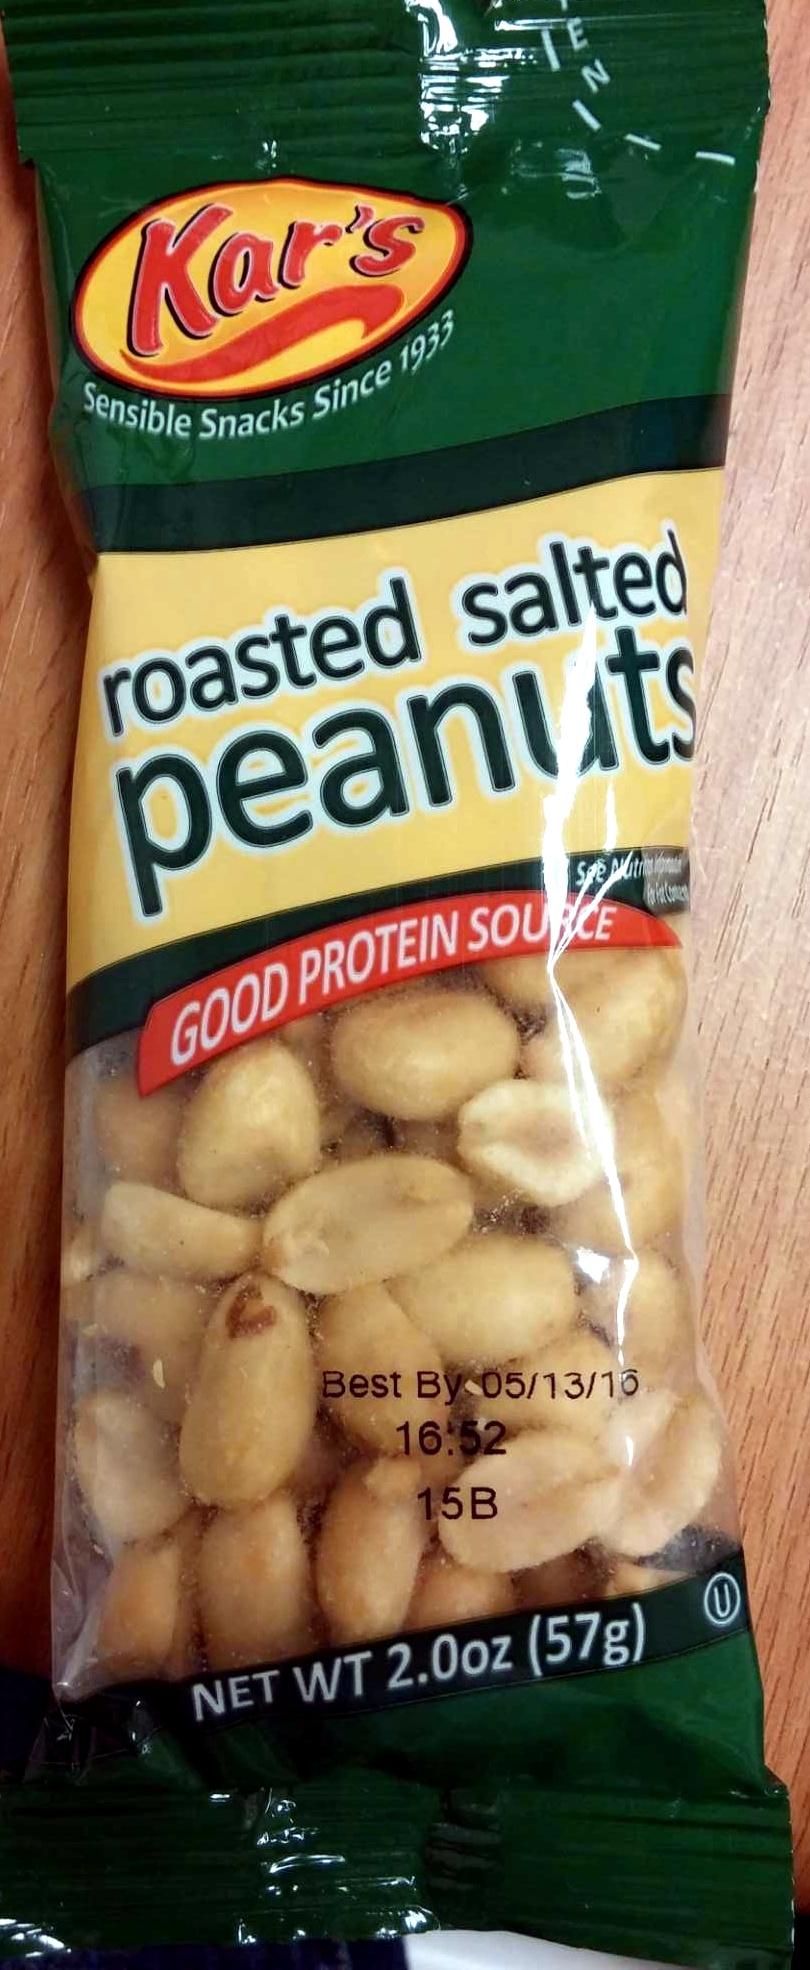 Roasted Salted Peanuts - Product